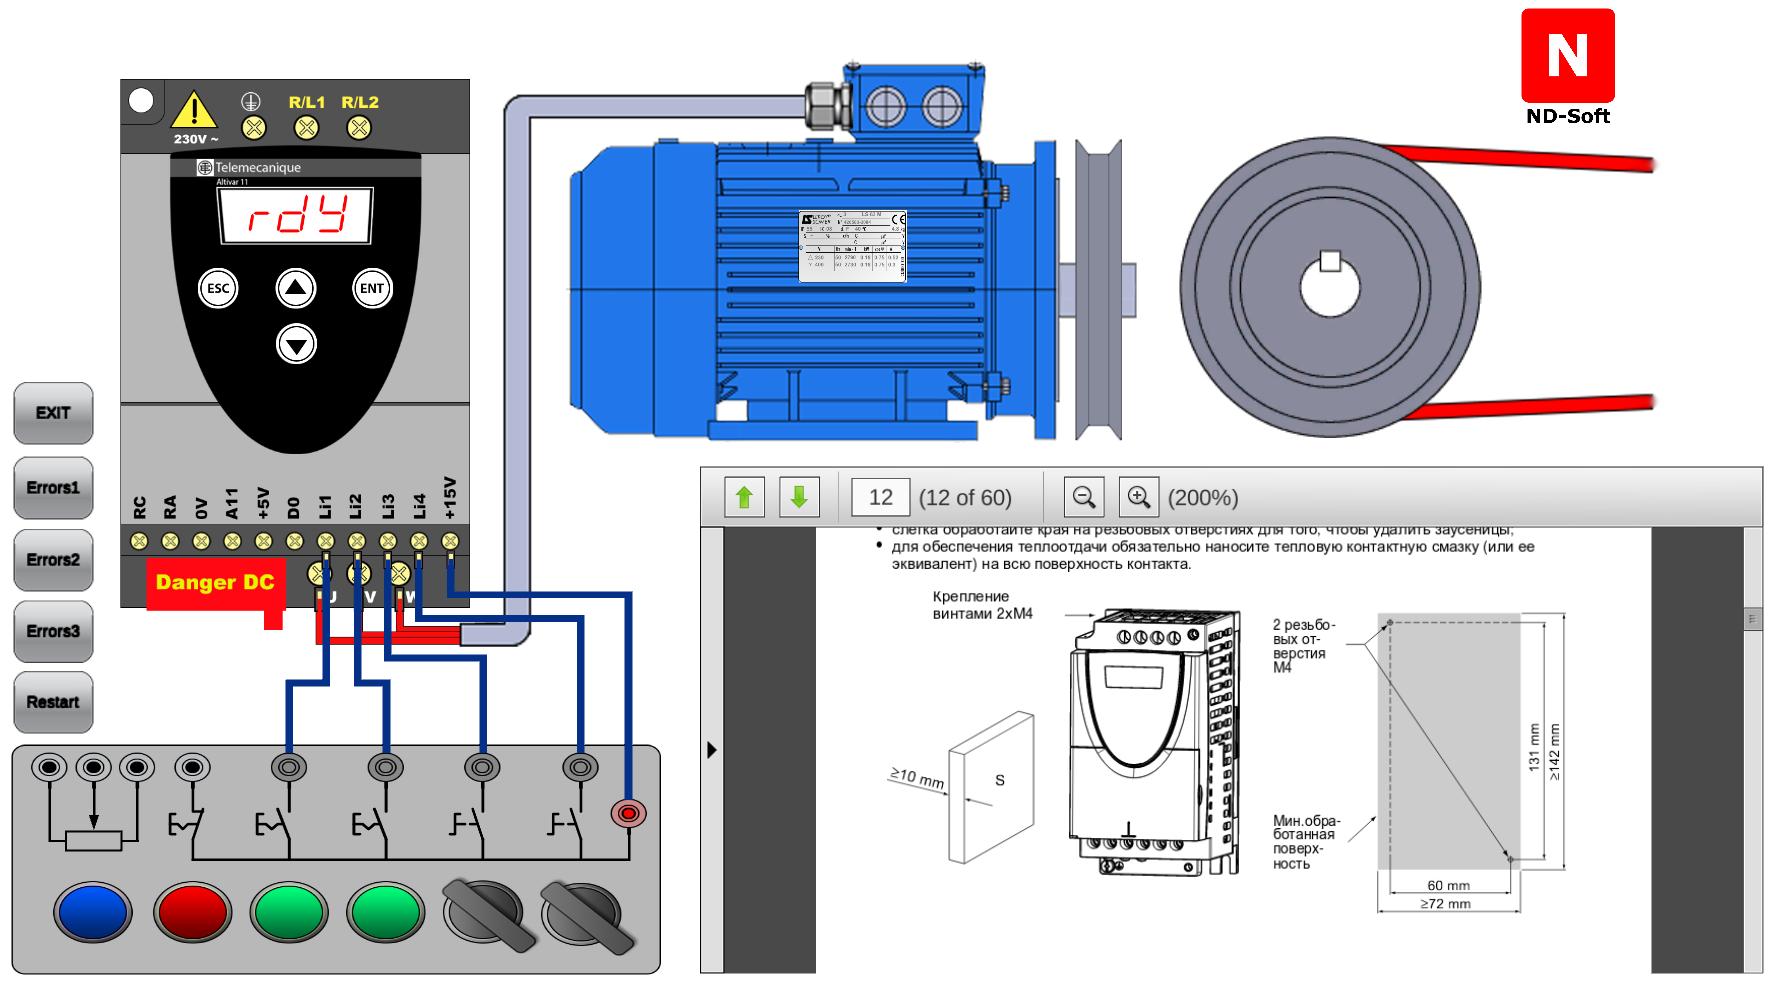 Симулятор частотного преобразователя Schneider electric ATV11